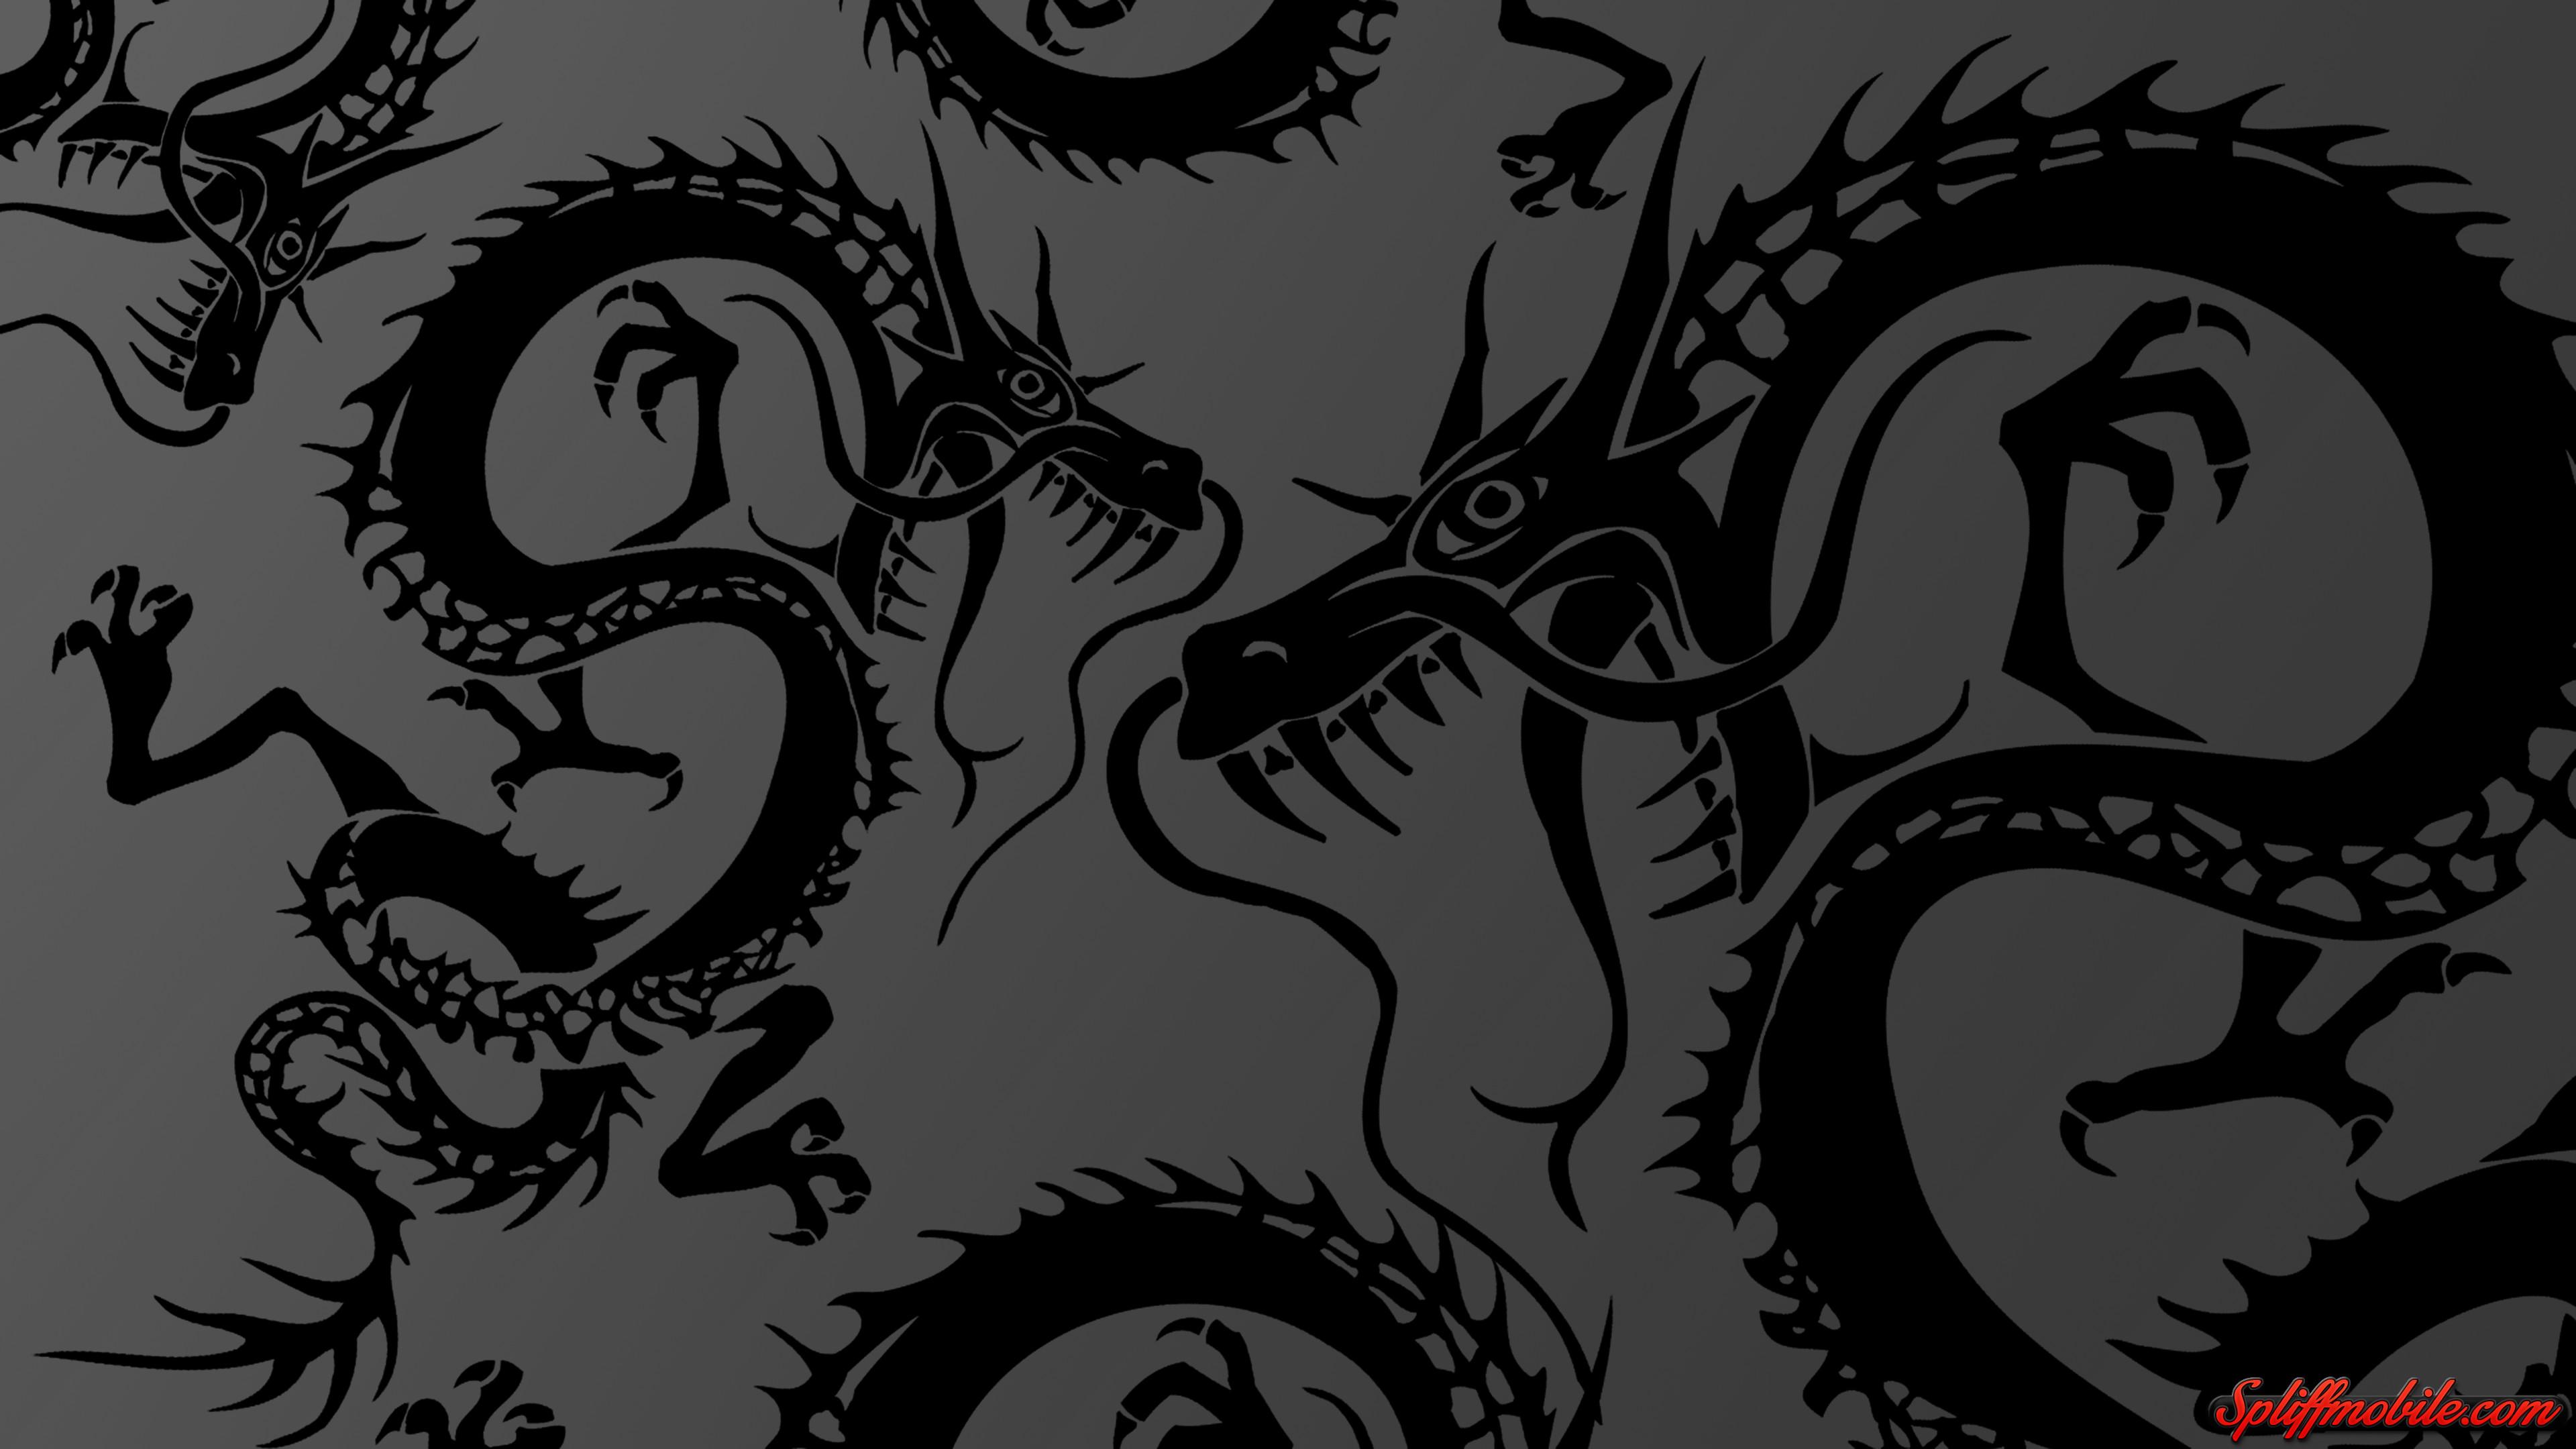 4k-black-dragon-wallpaper.png …